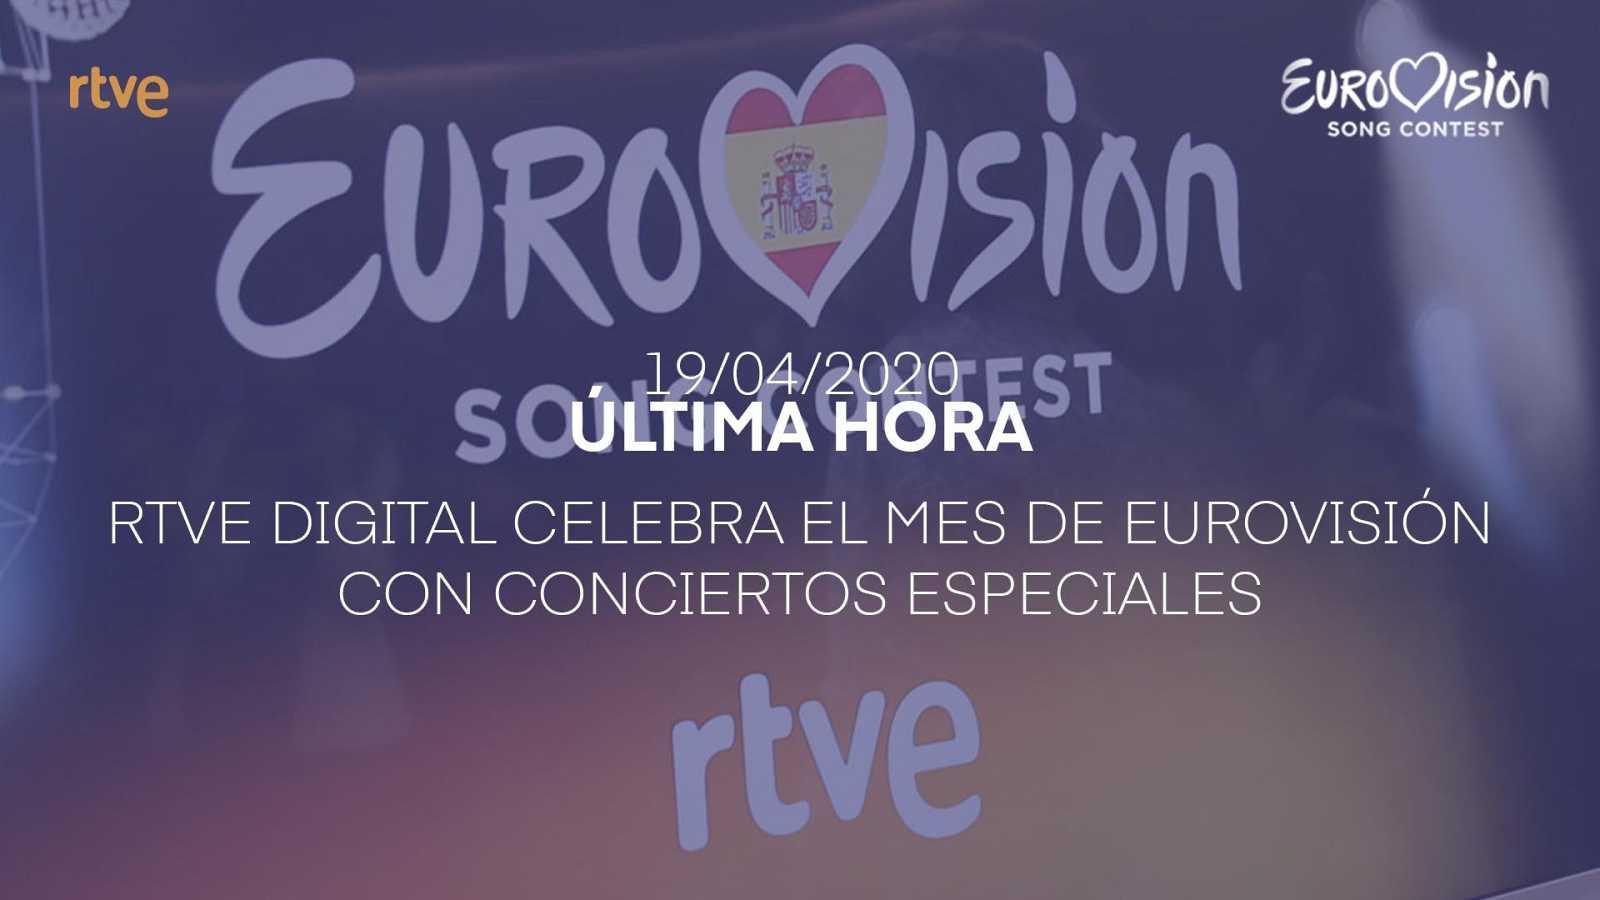 Eurovisión 2020 - RTVE Digital celebra el mes de Eurovisión con conciertos especiales